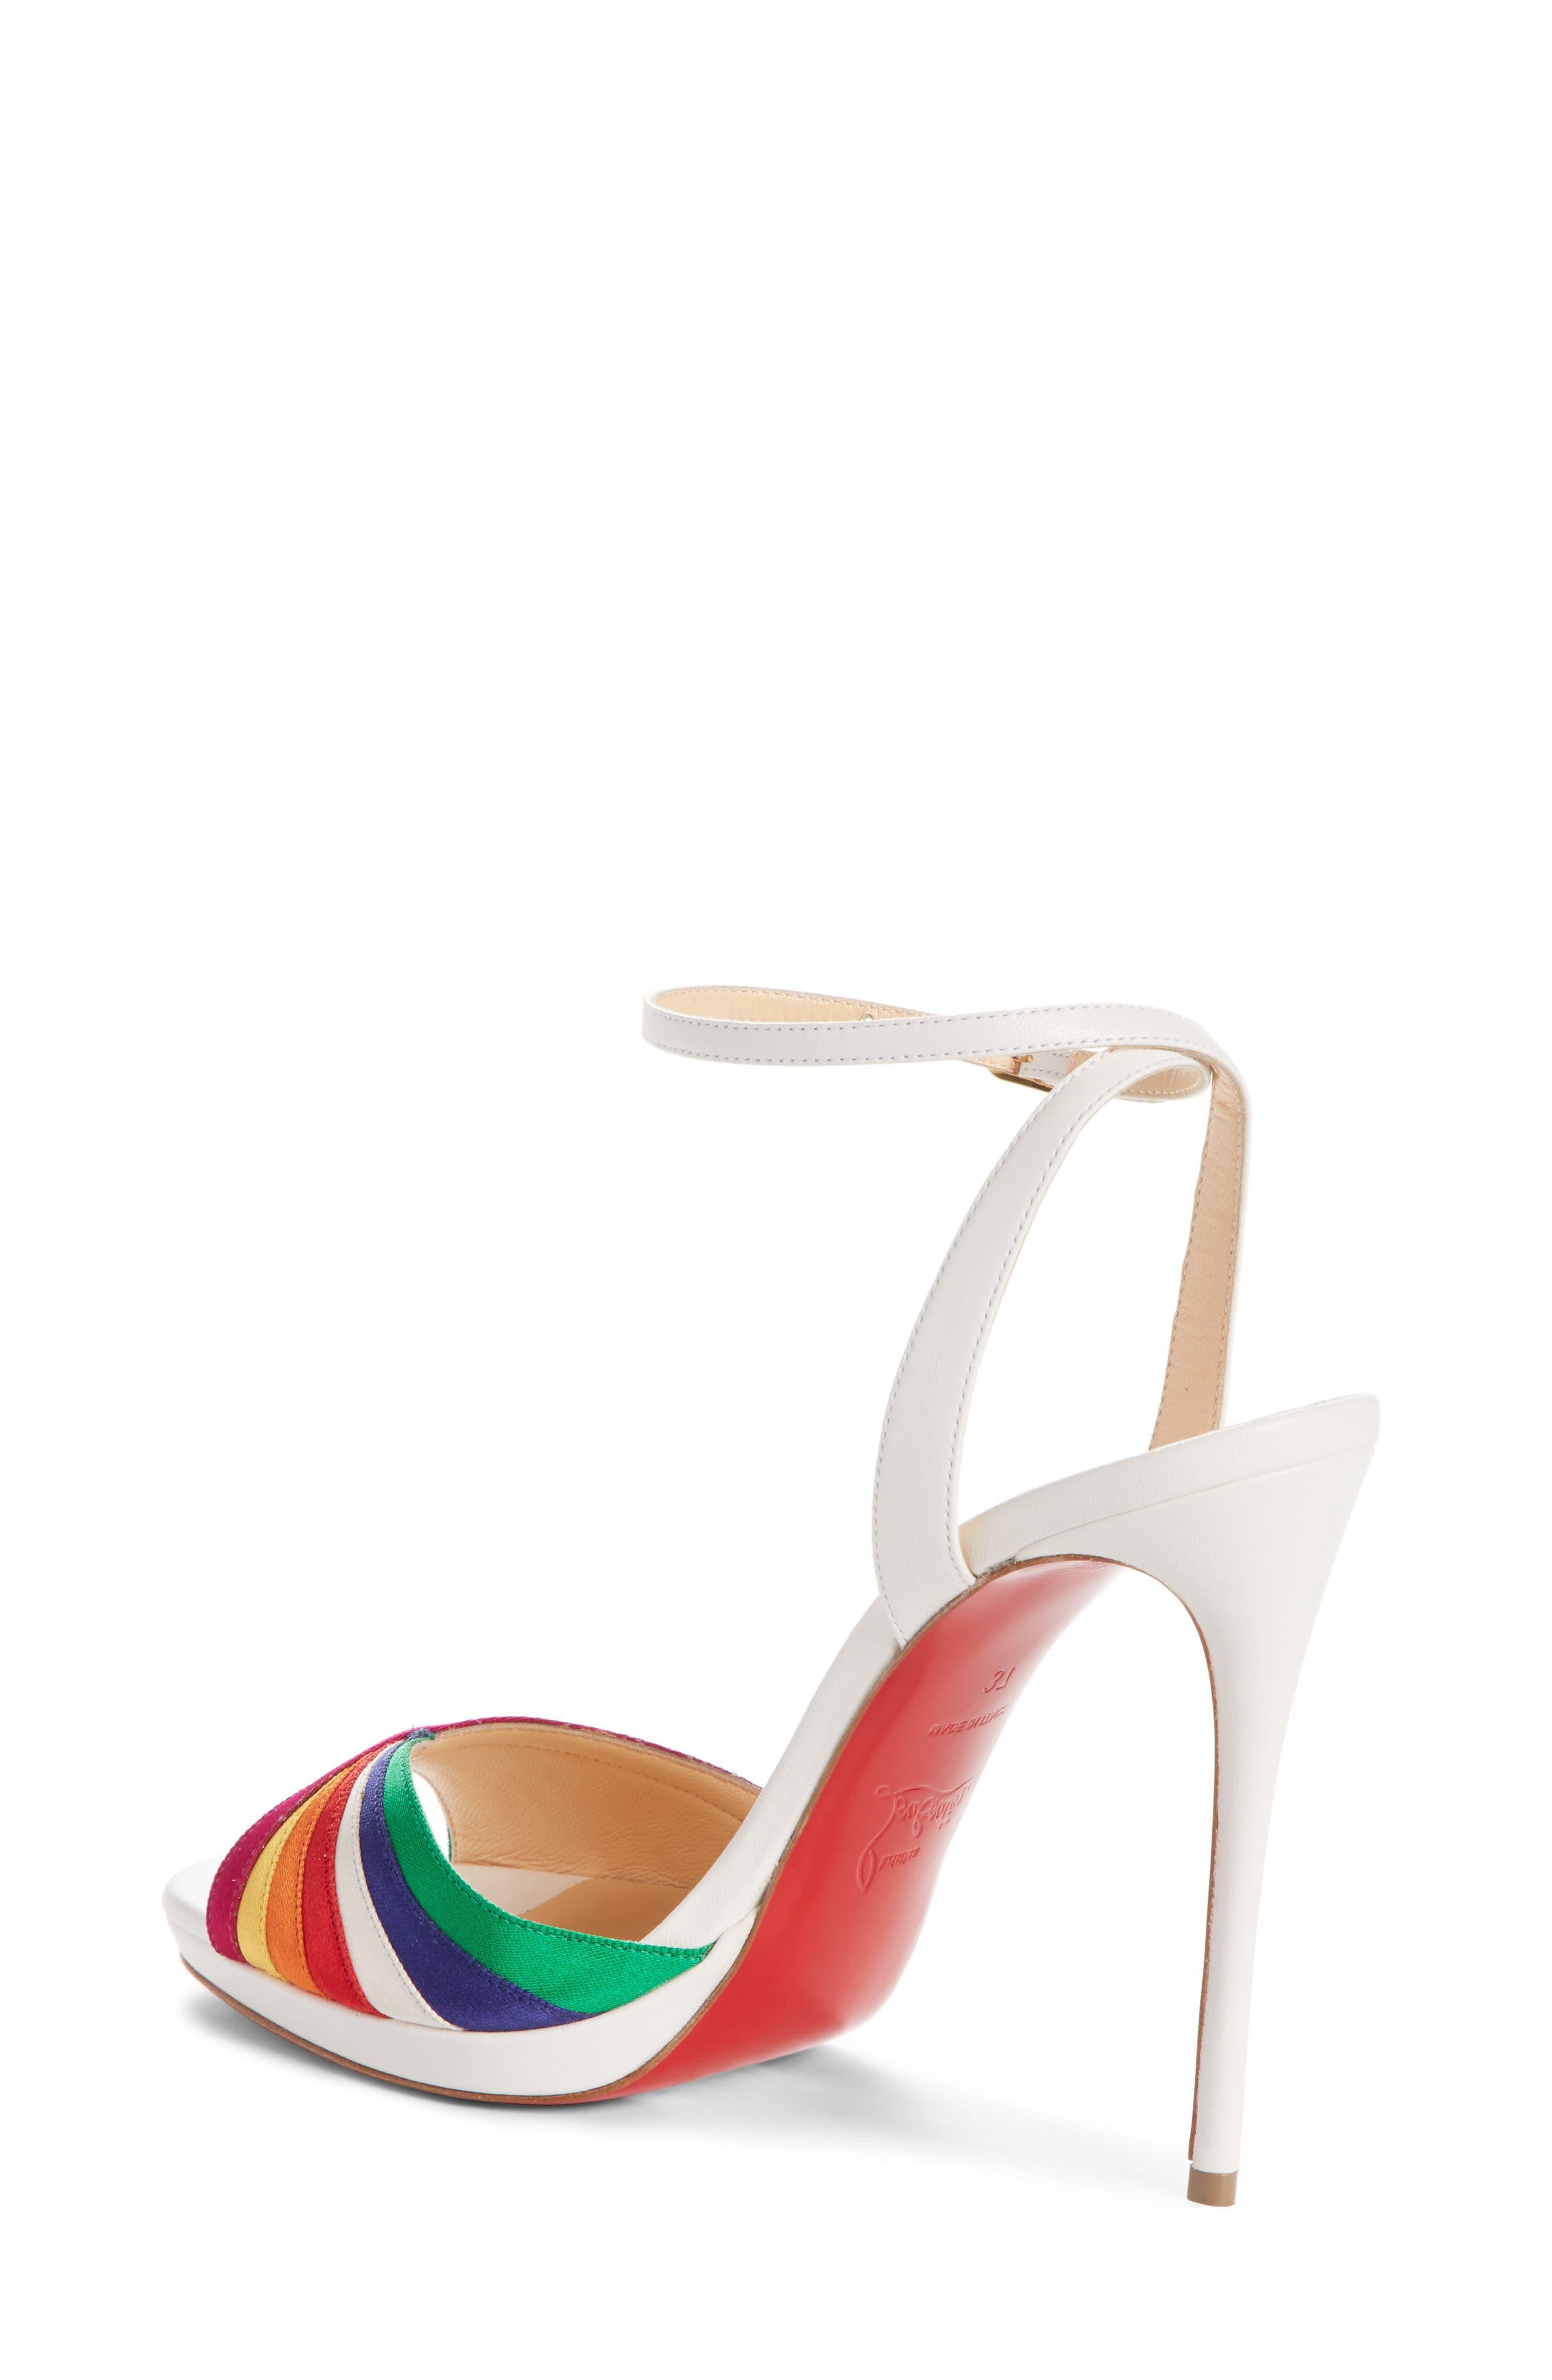 Naseeba Sandal,                             Alternate thumbnail 2, color,                             Latte/ Multicolor